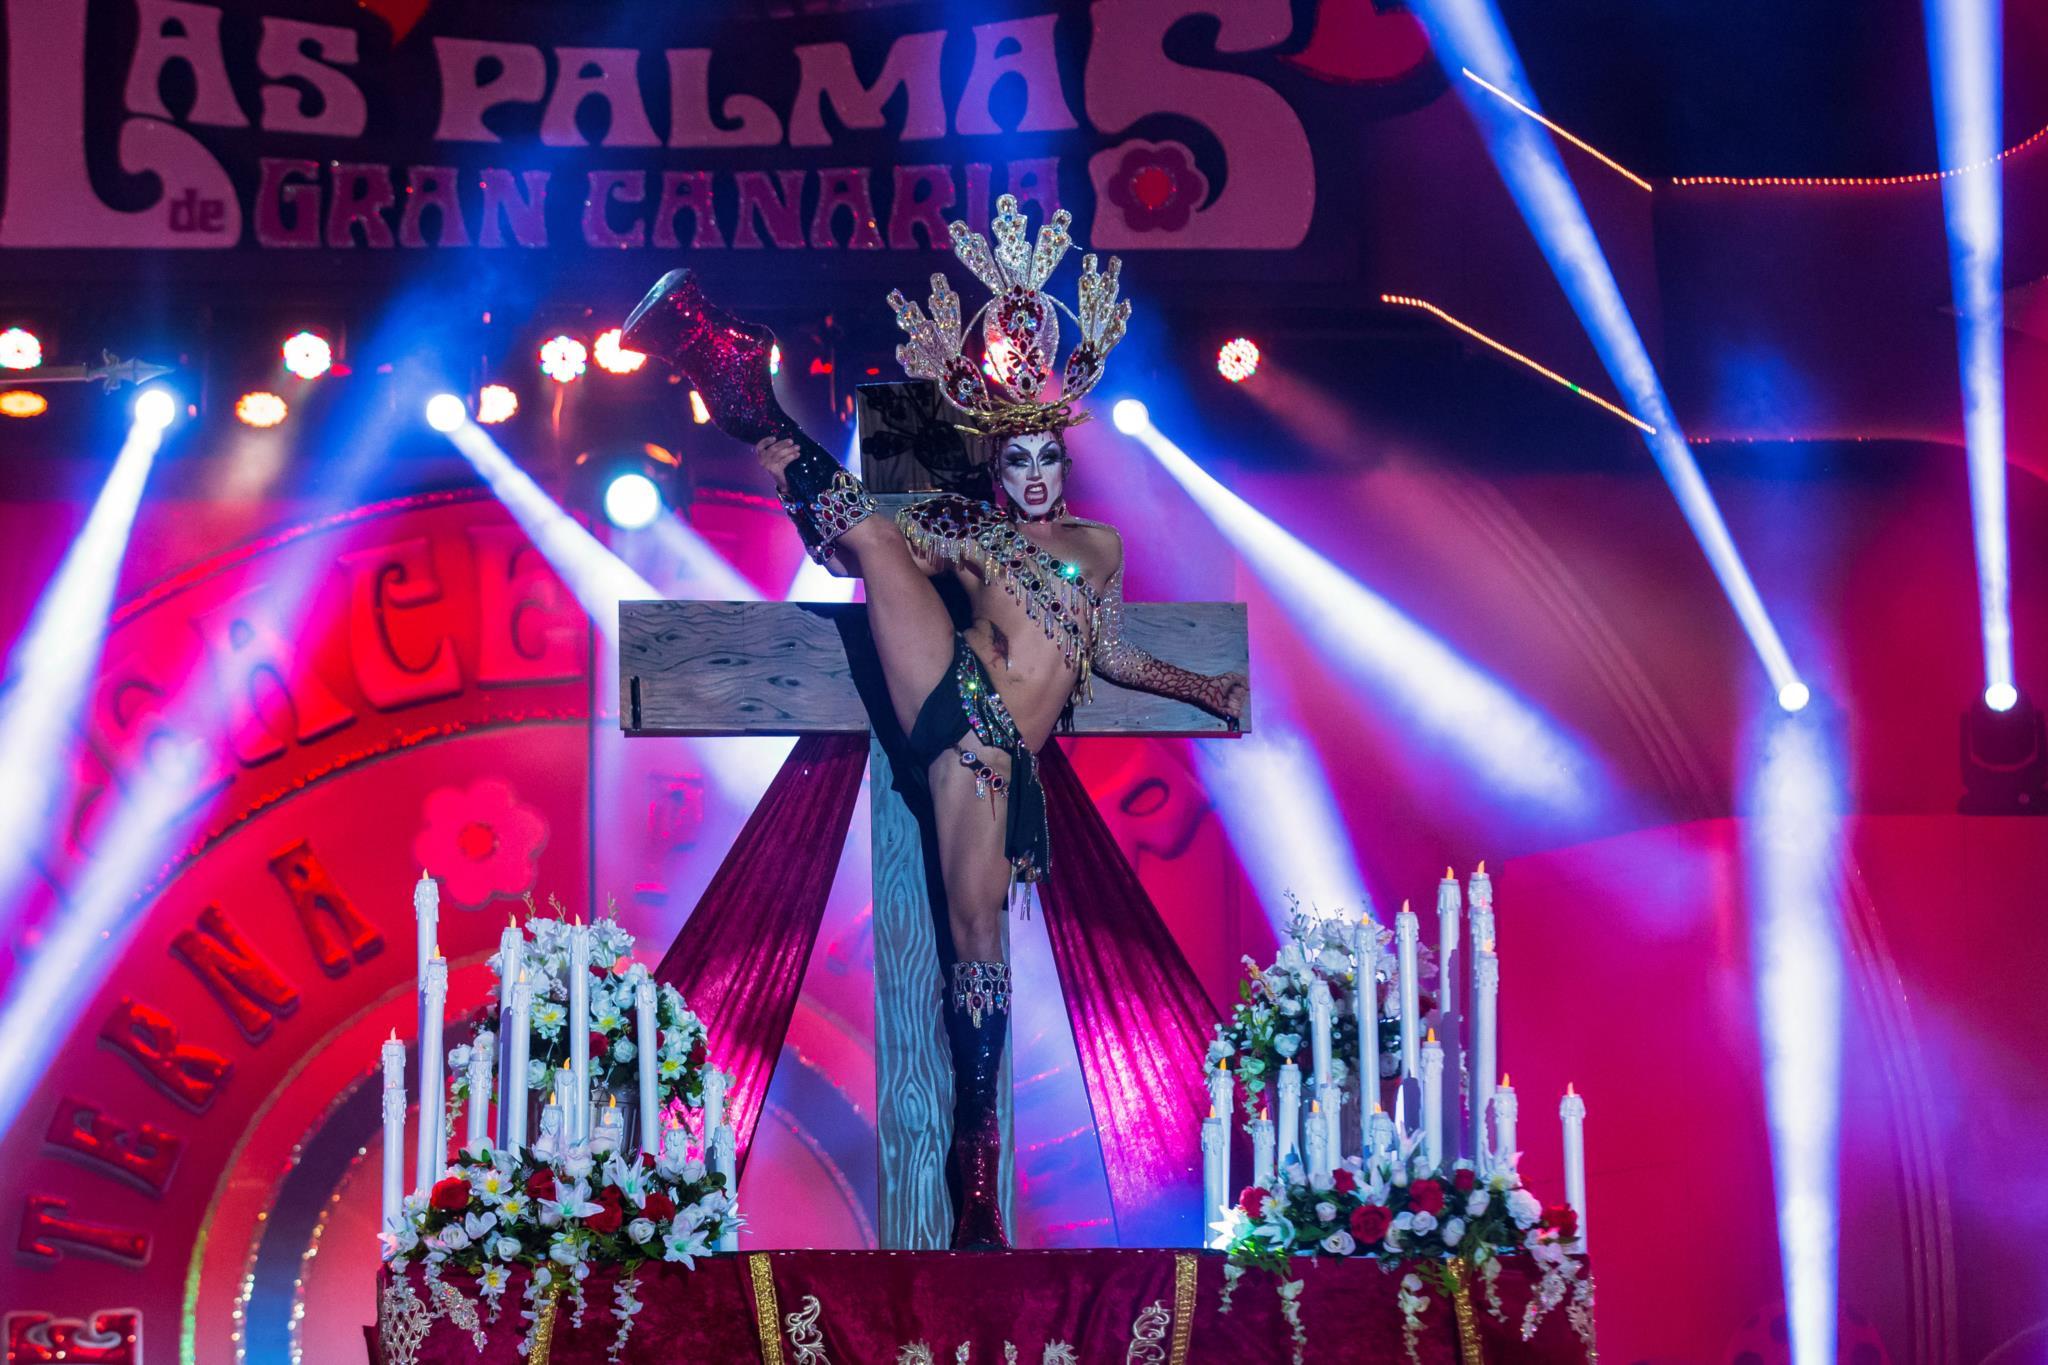 PÚBLICO - Bispo espanhol compara gala <i>drag</i> com acidente de aviação